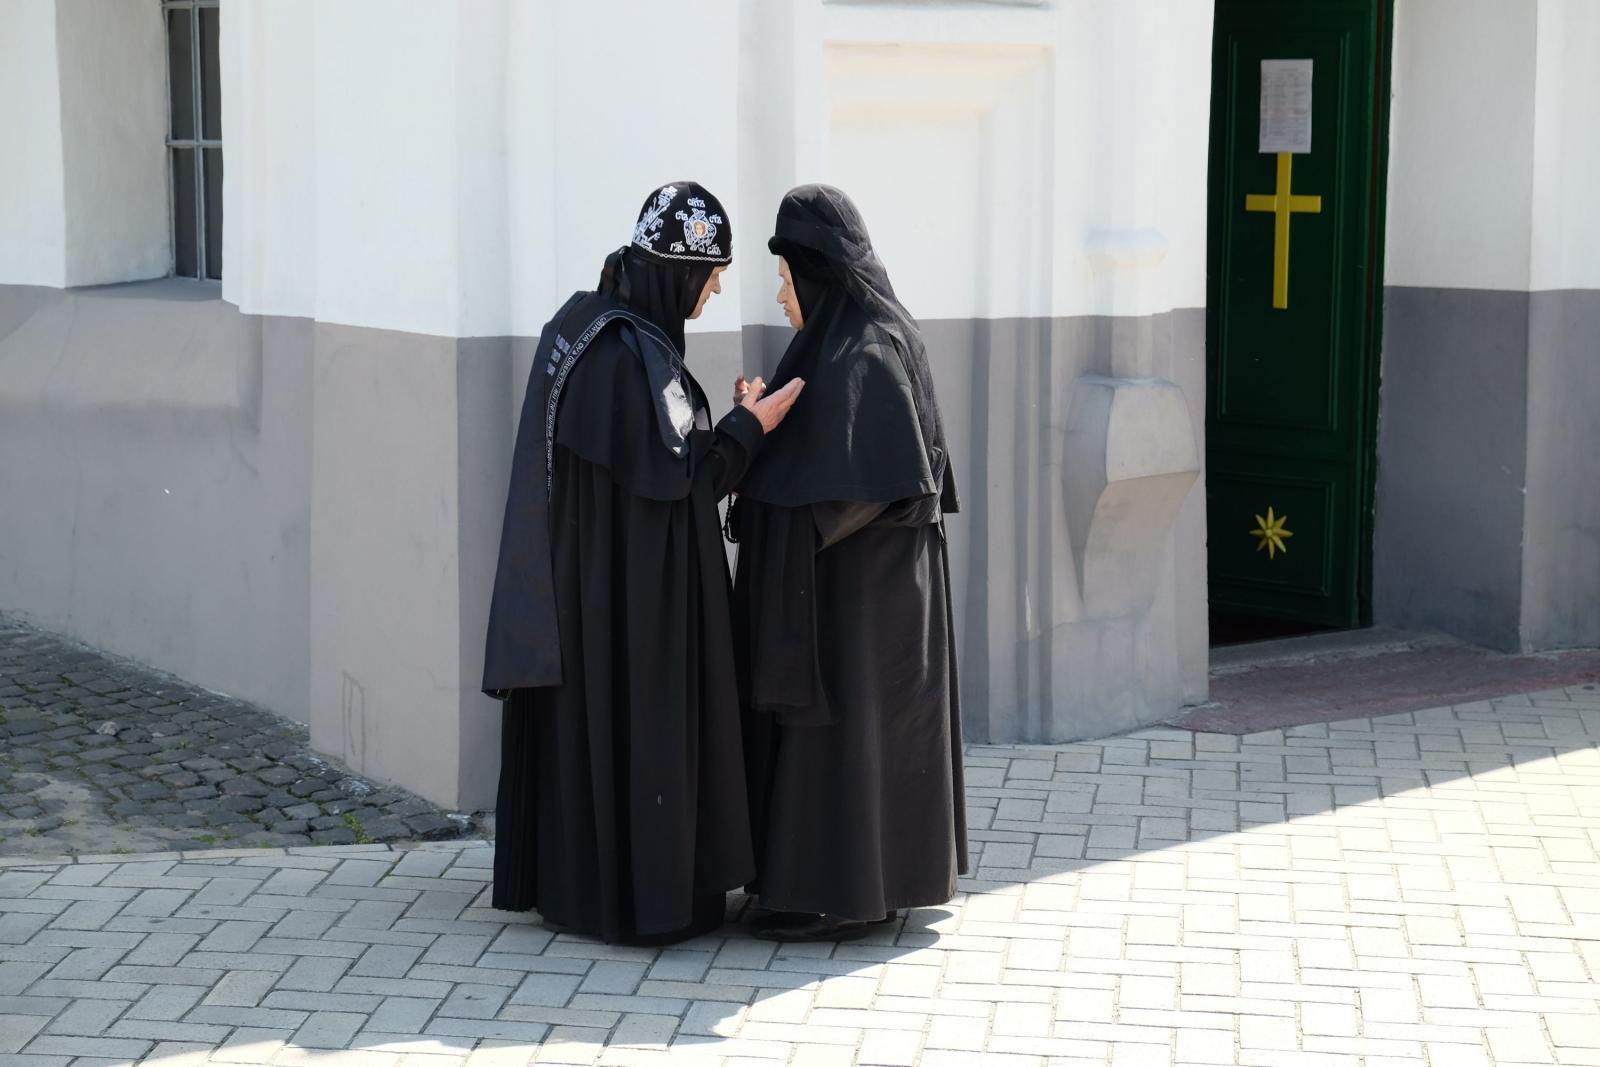 Ще один монастир УПЦ МП в Києві став осередком коронавірусу: що відбувається